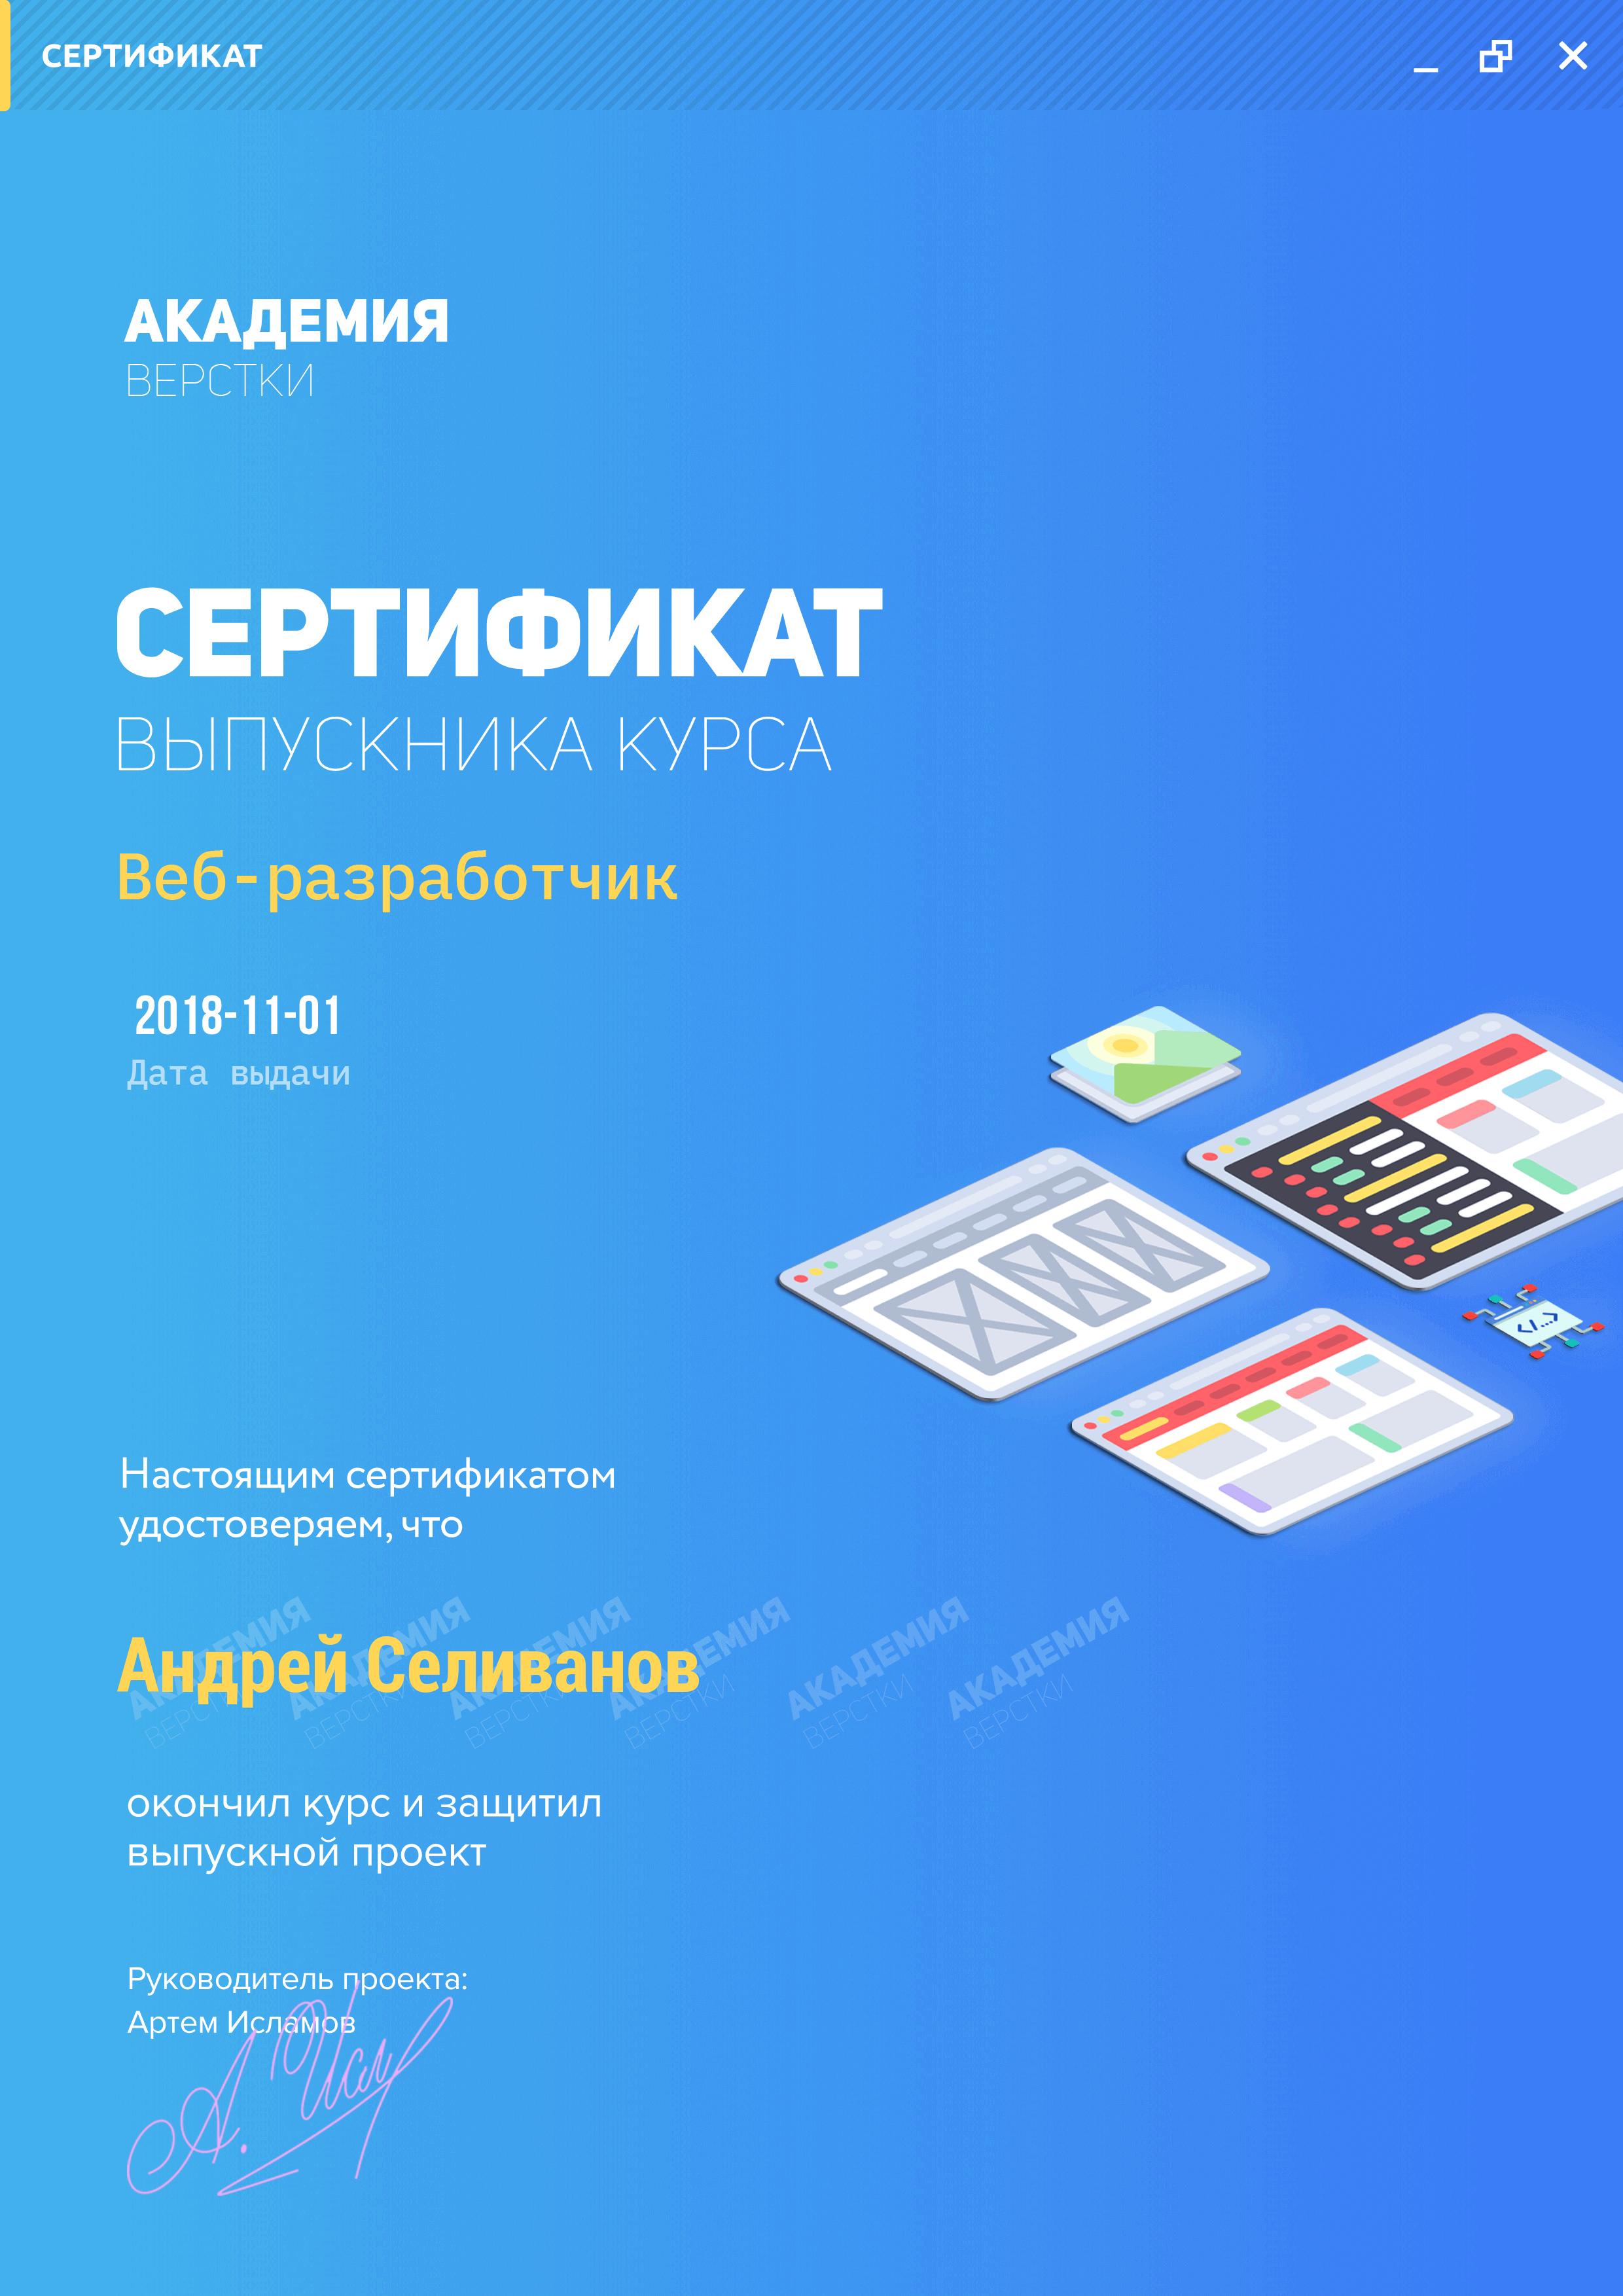 Сертификат о прохождении курса веб-разработчик 15.0